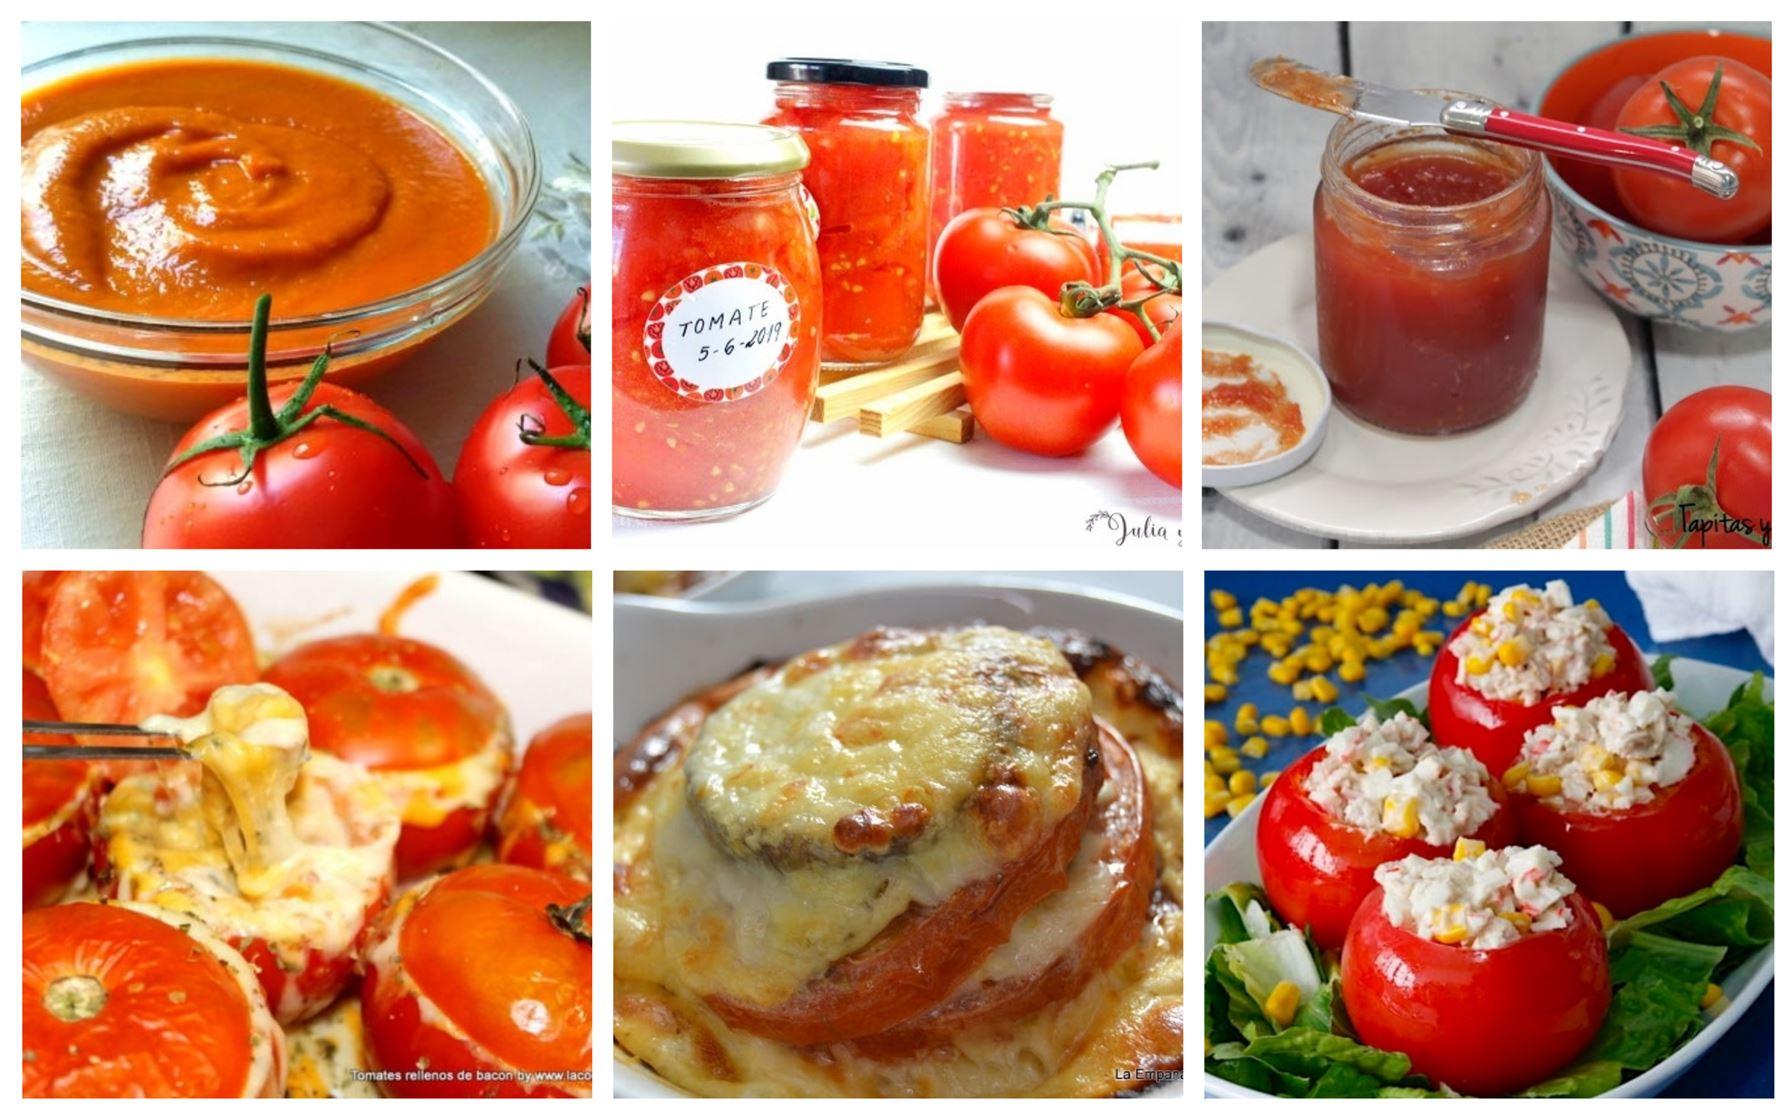 6 recetas con tomate para aprovecharlos al máximo